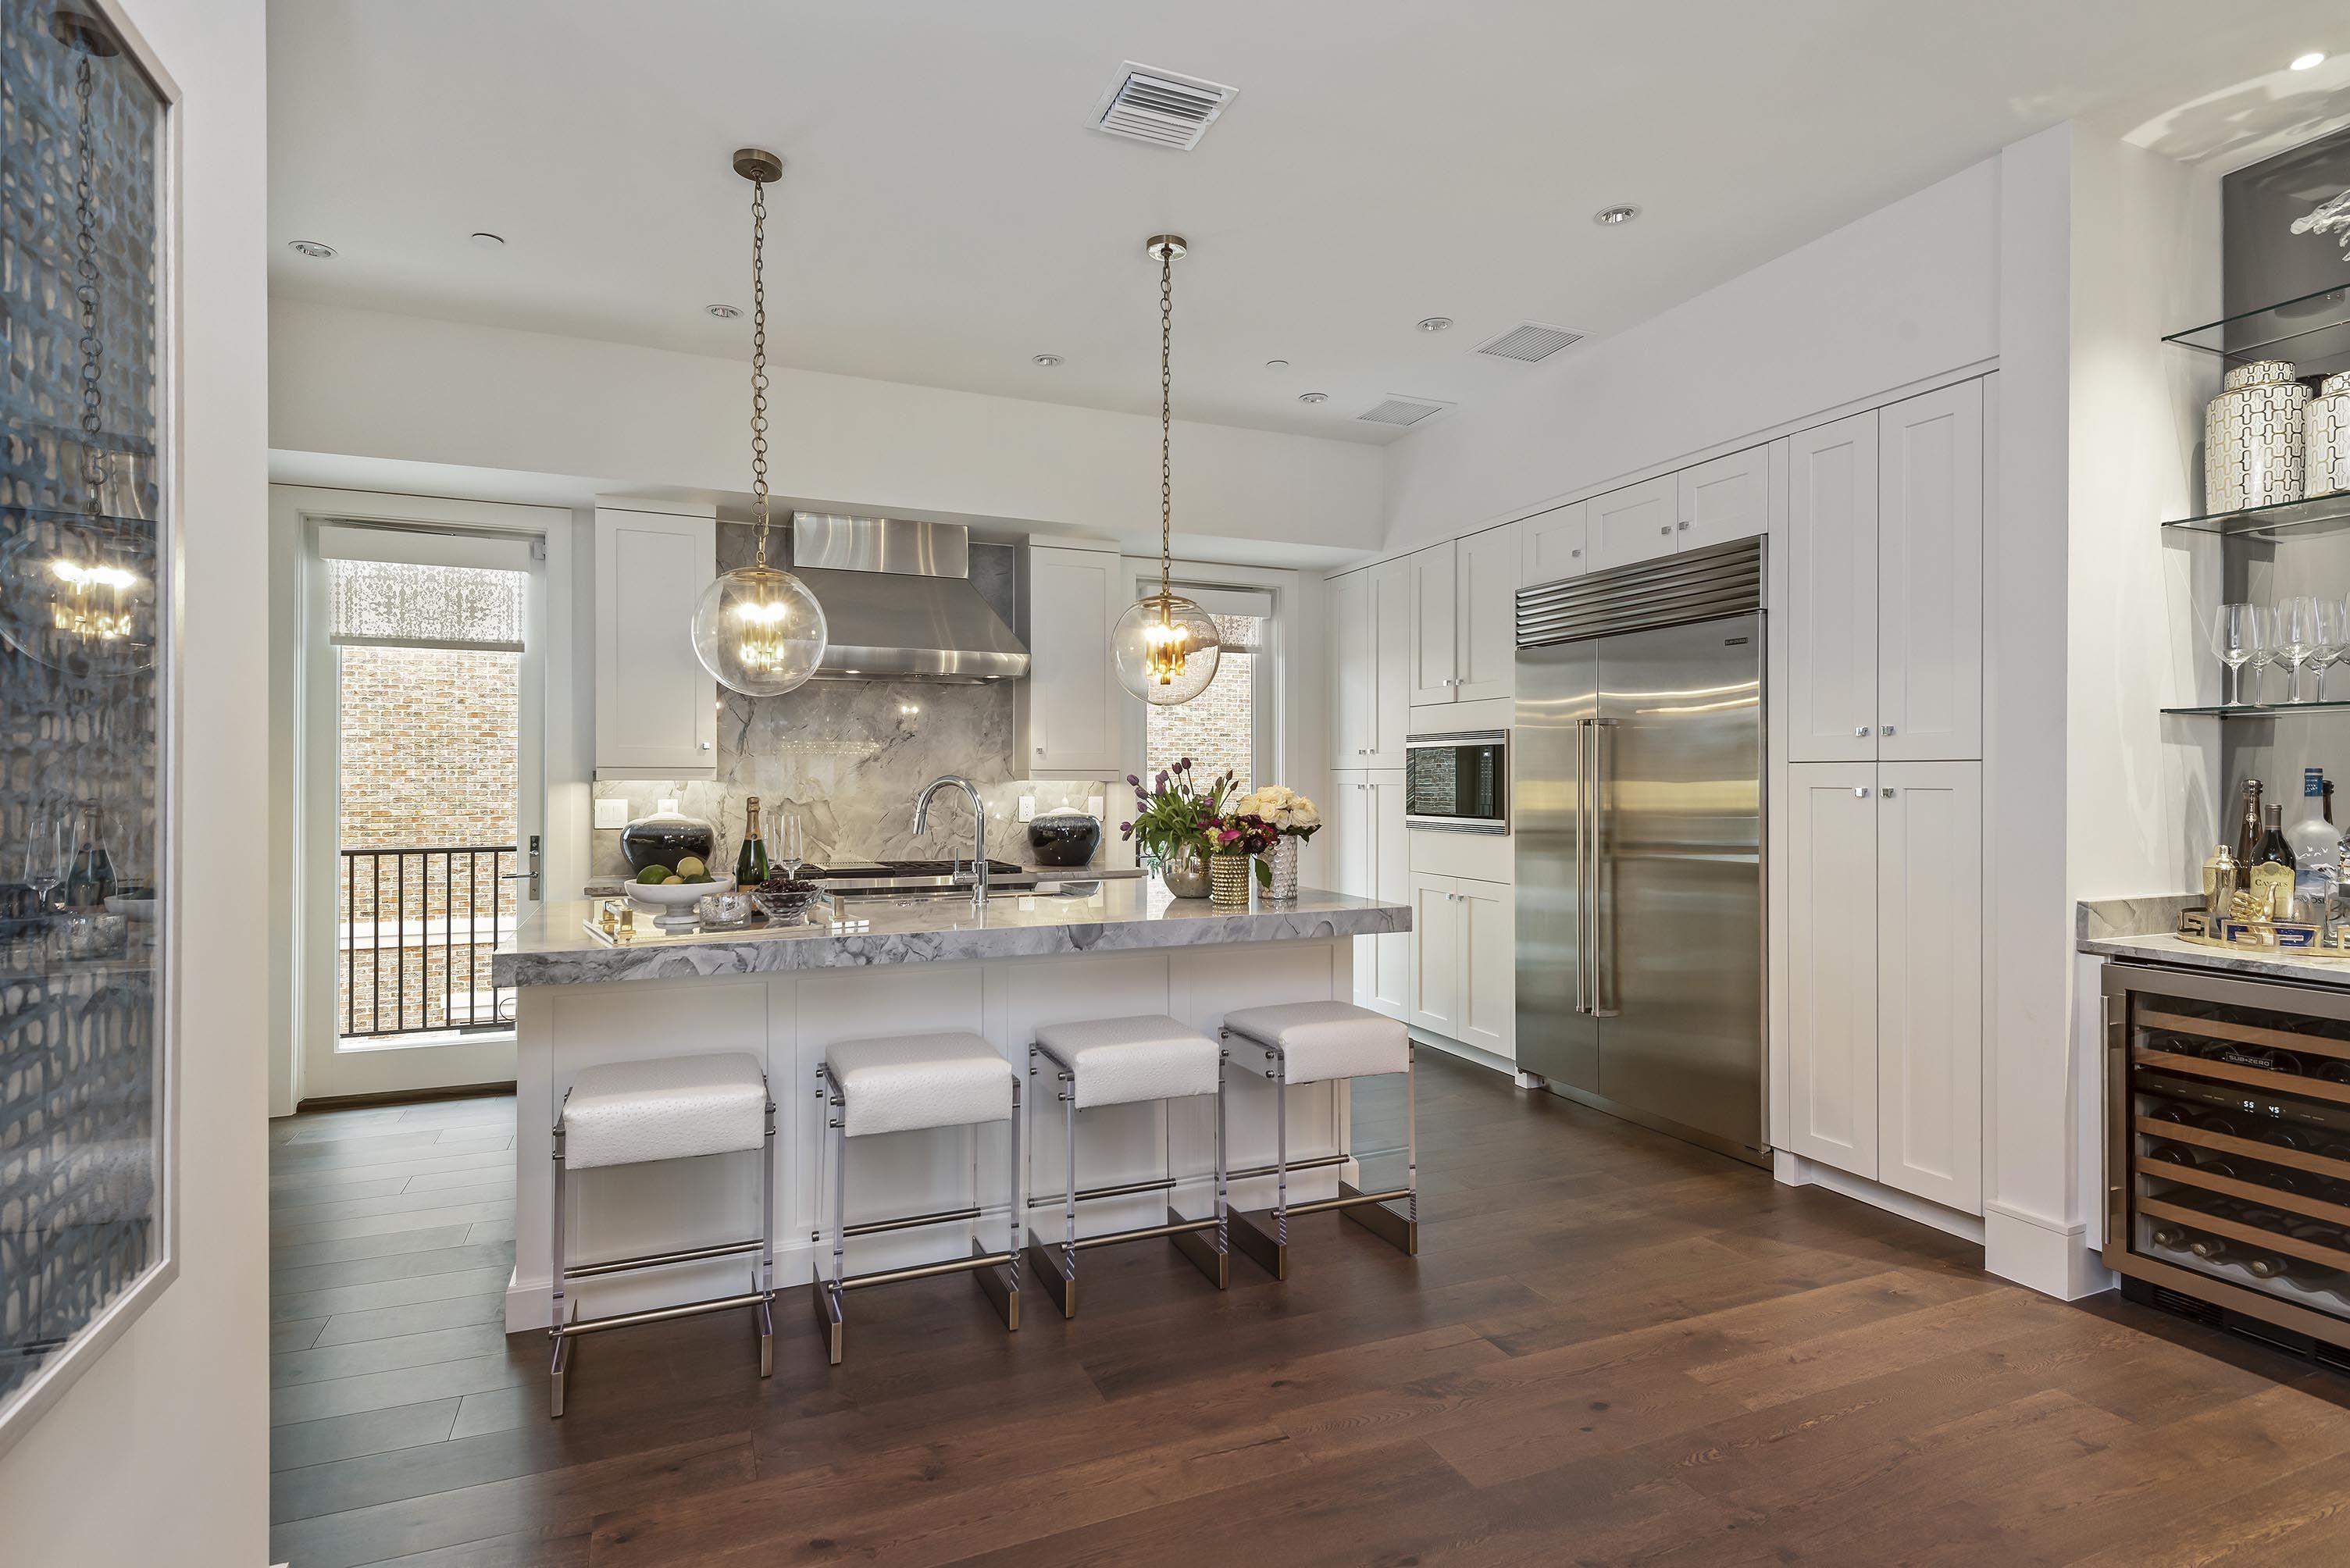 Motivo Home - Kitchen Design in 2020   Florida interior ...